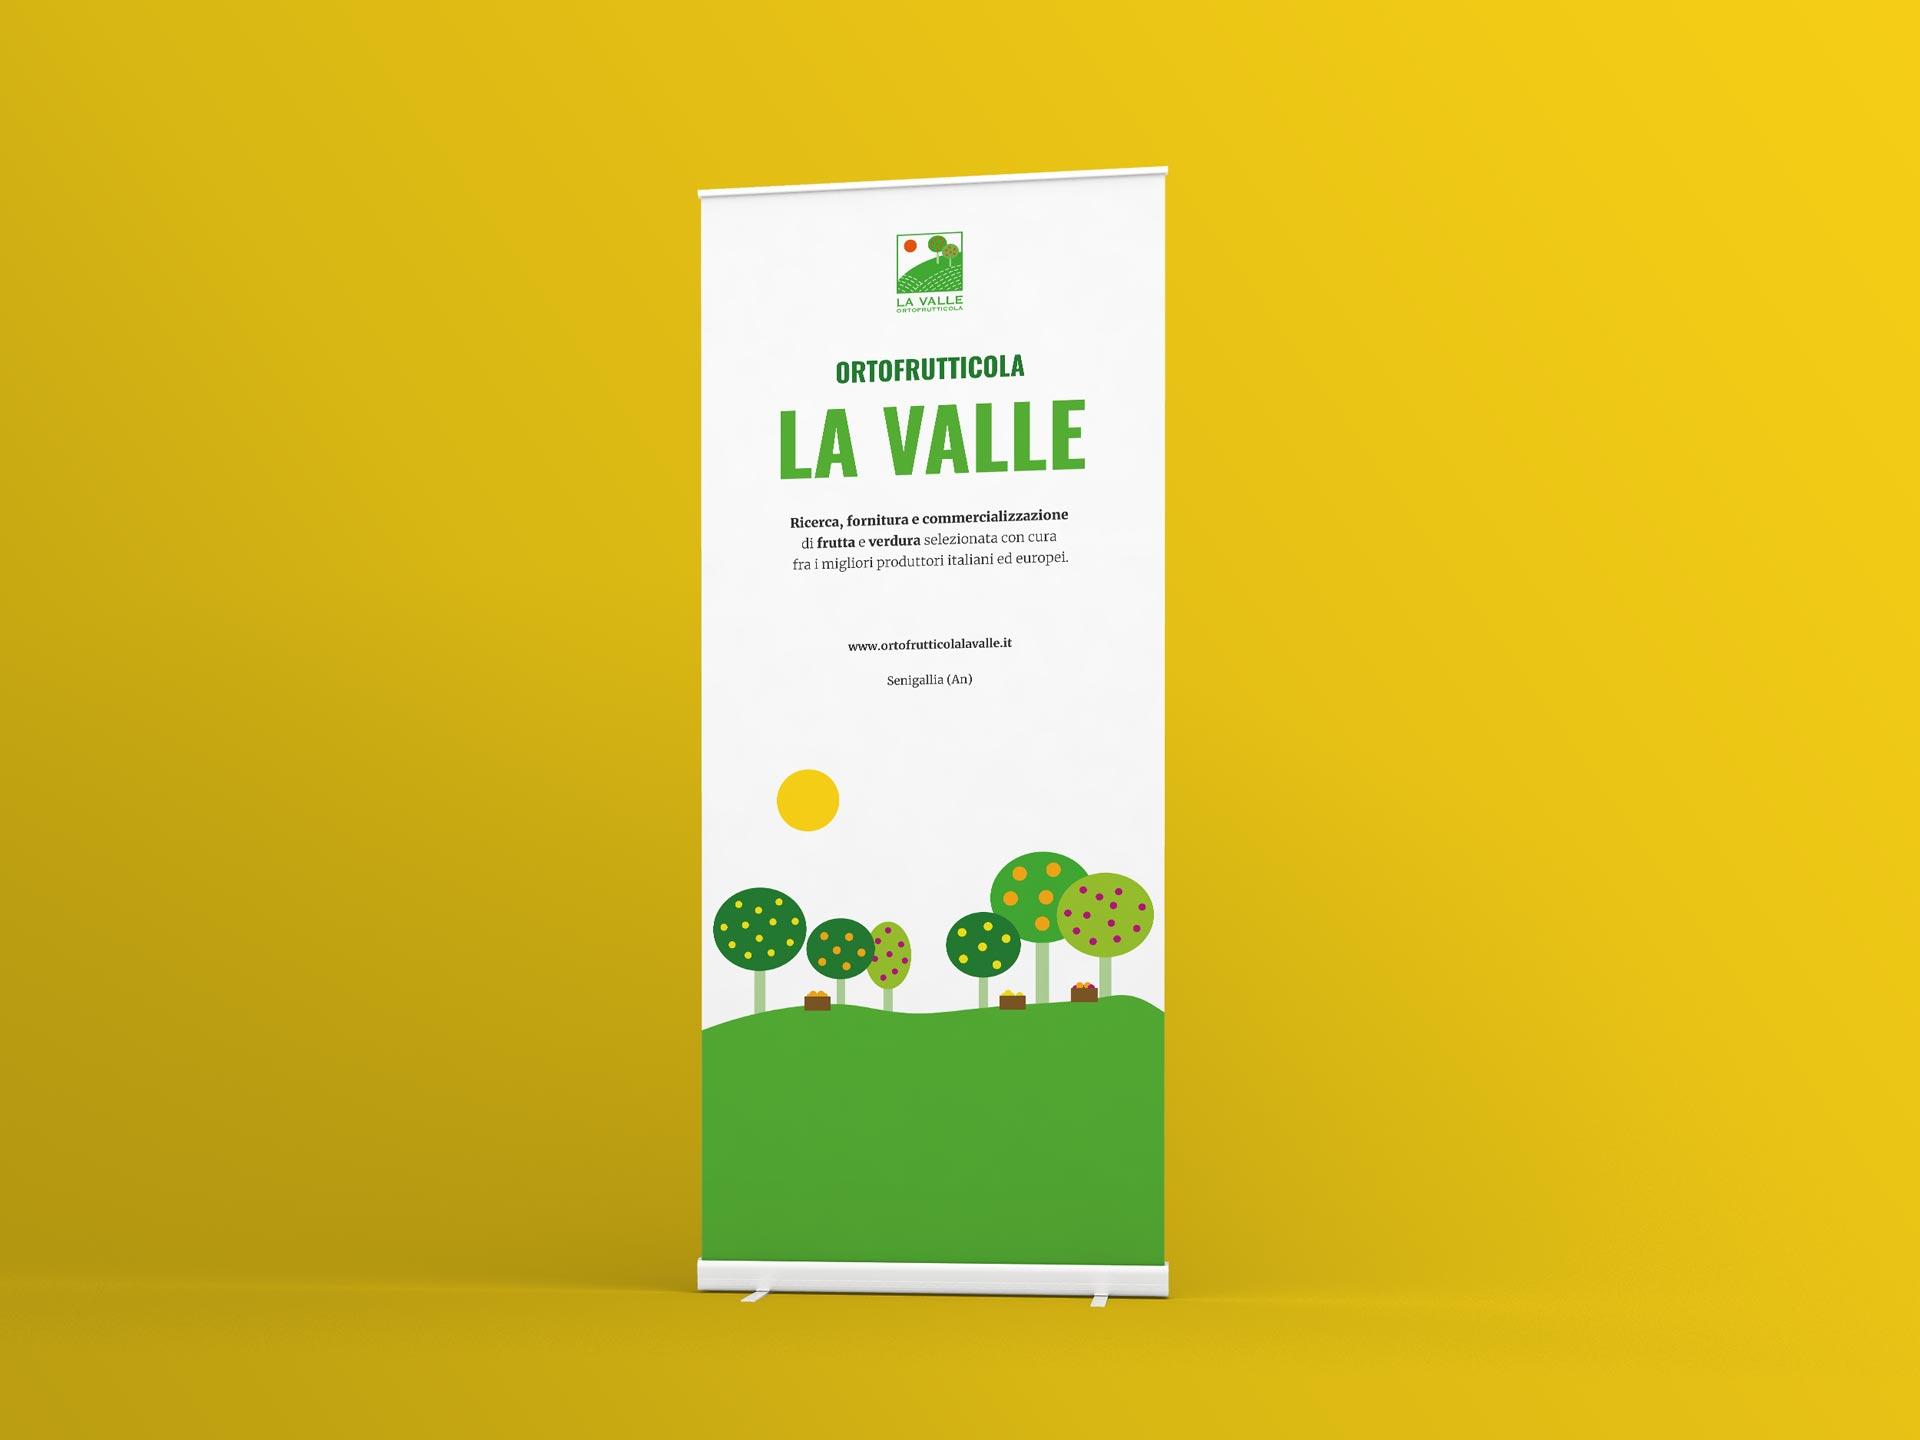 ortofrutticola la valle graphic design rollup